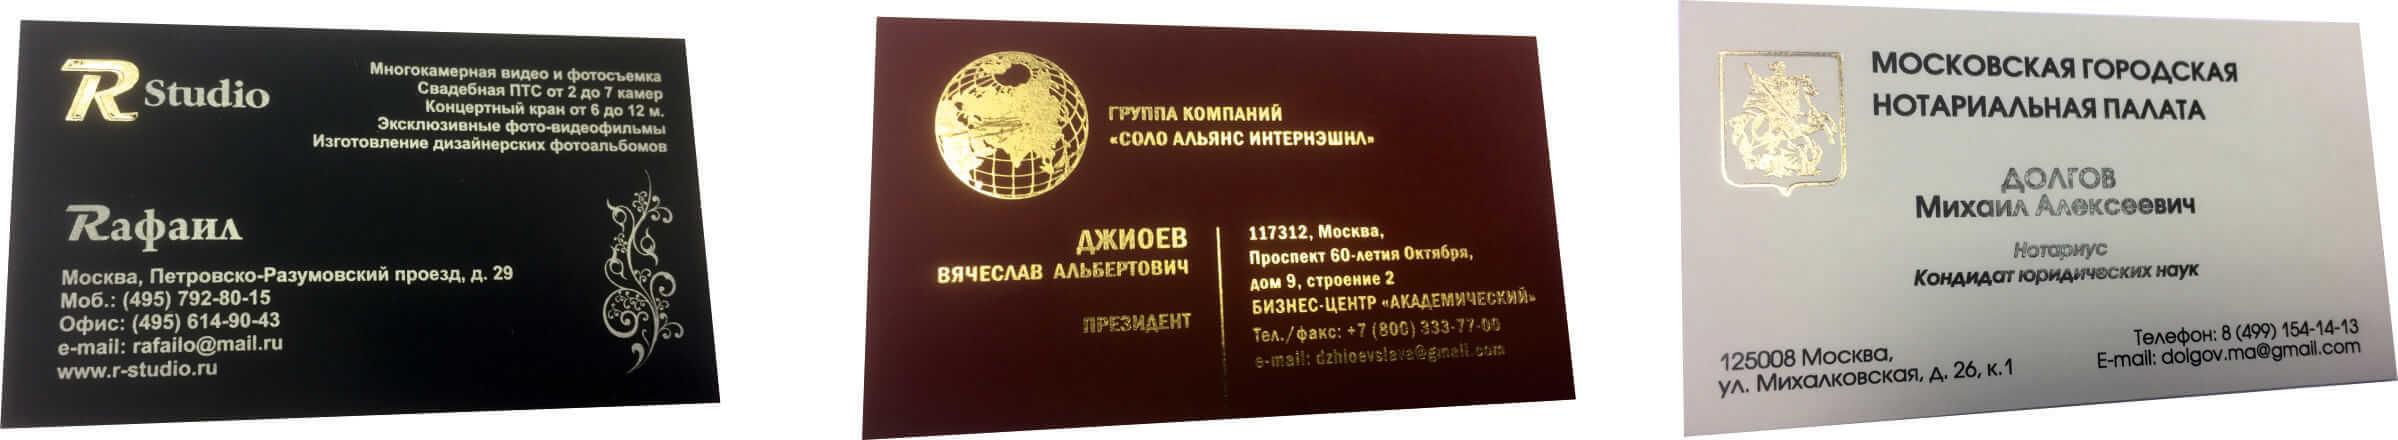 фото для тиснения визитки